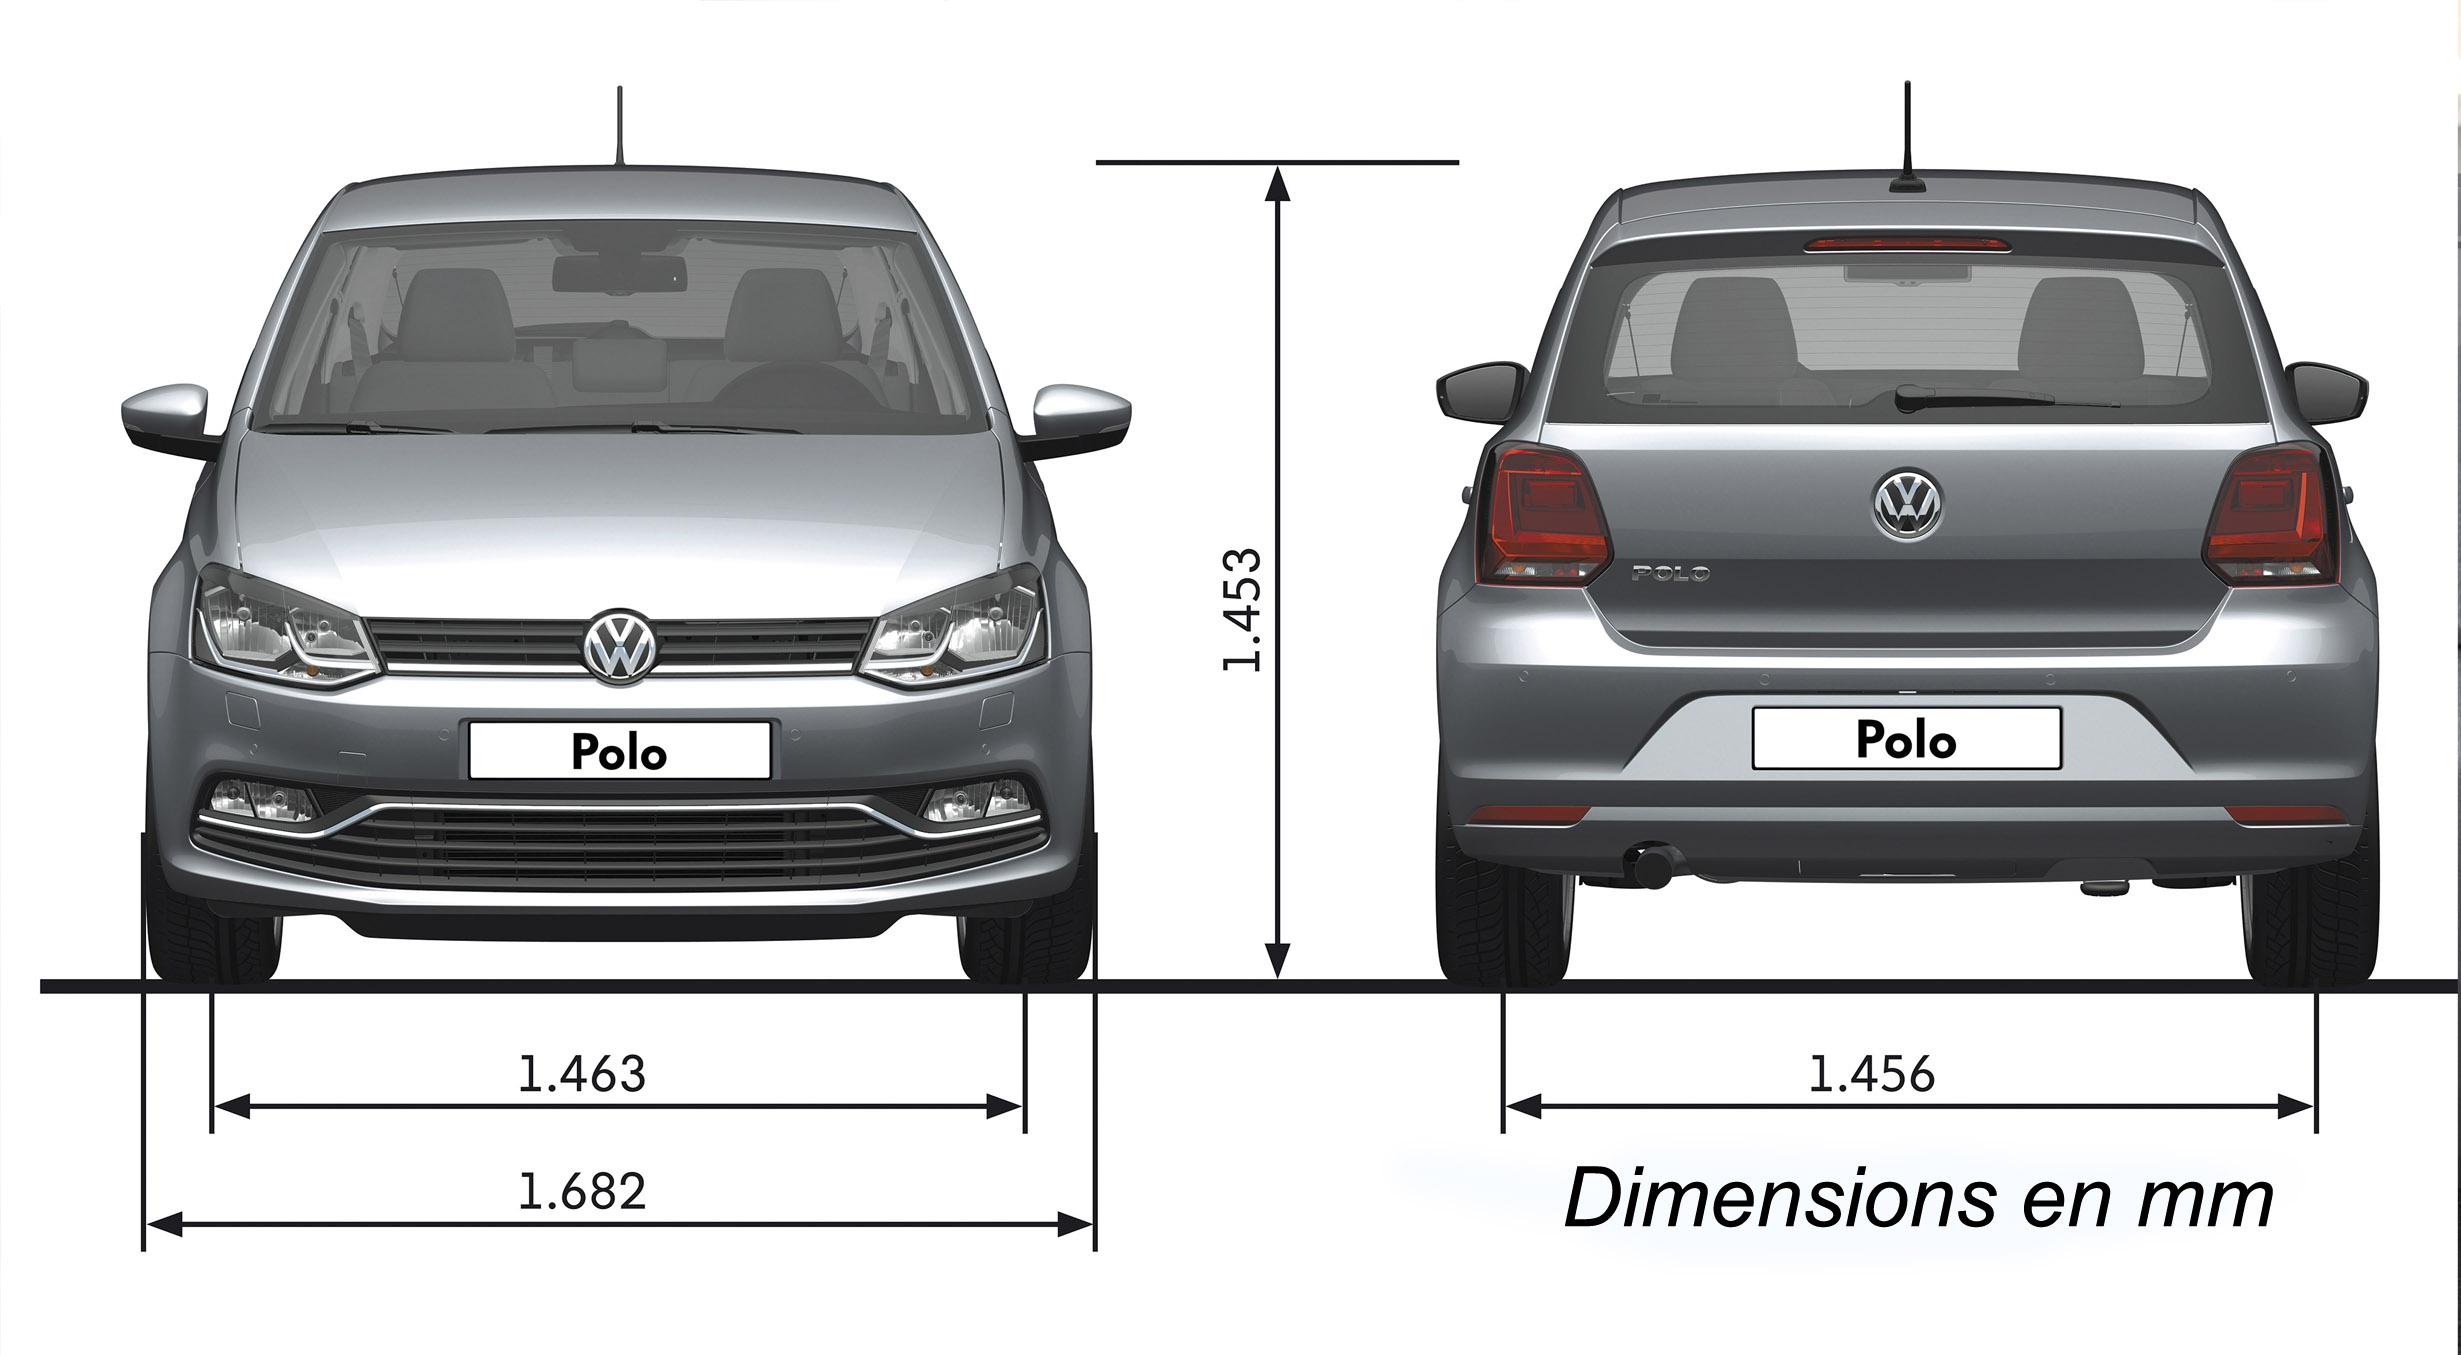 Volkswagen elegir elegir Polo Volkswagen Volkswagen ¿Qué Polo Polo ¿Qué ¿Qué dxBoeWrC